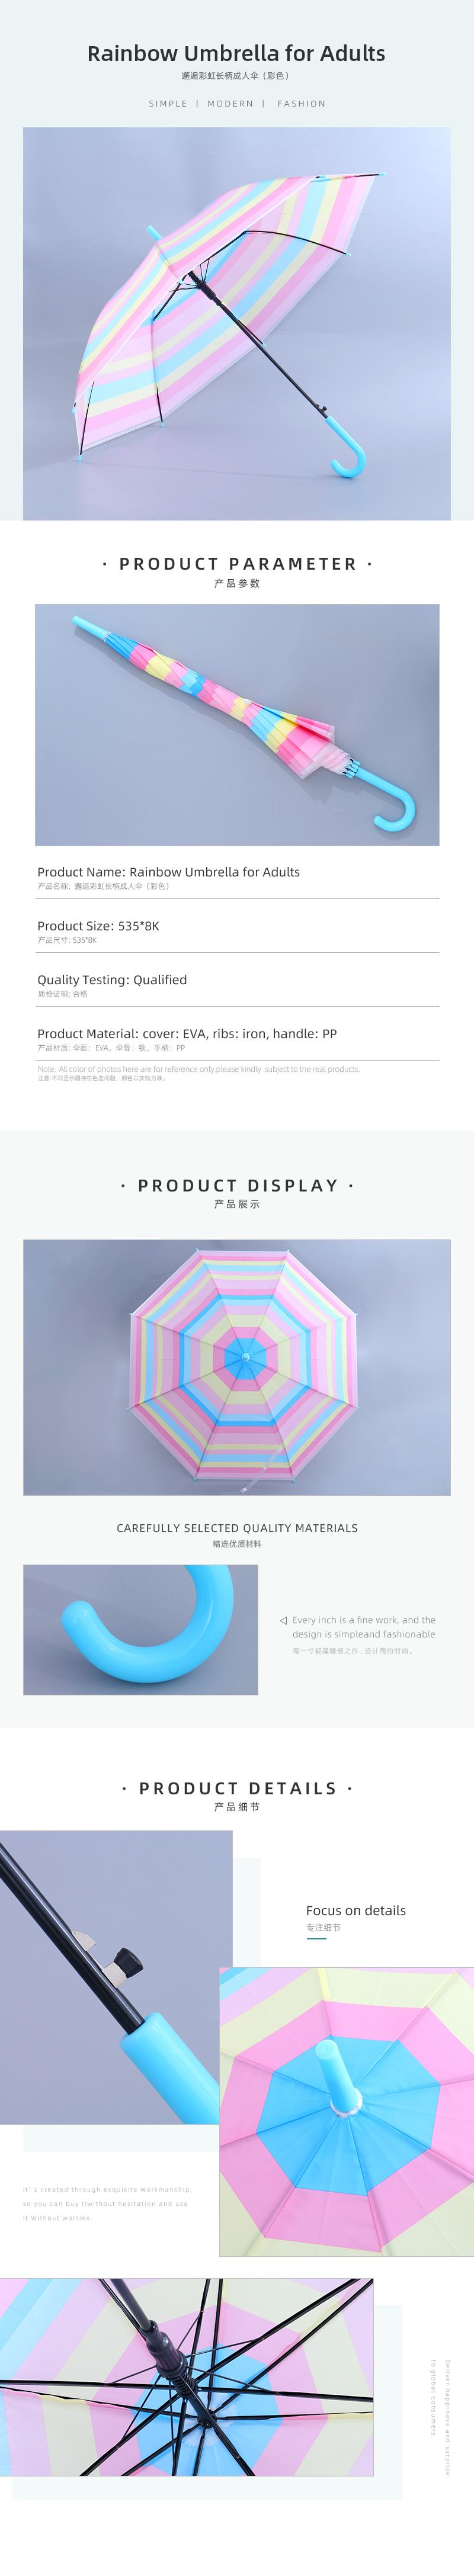 Rainbow Umbrella for Adults /></p> </div> </div> </div> <div class=